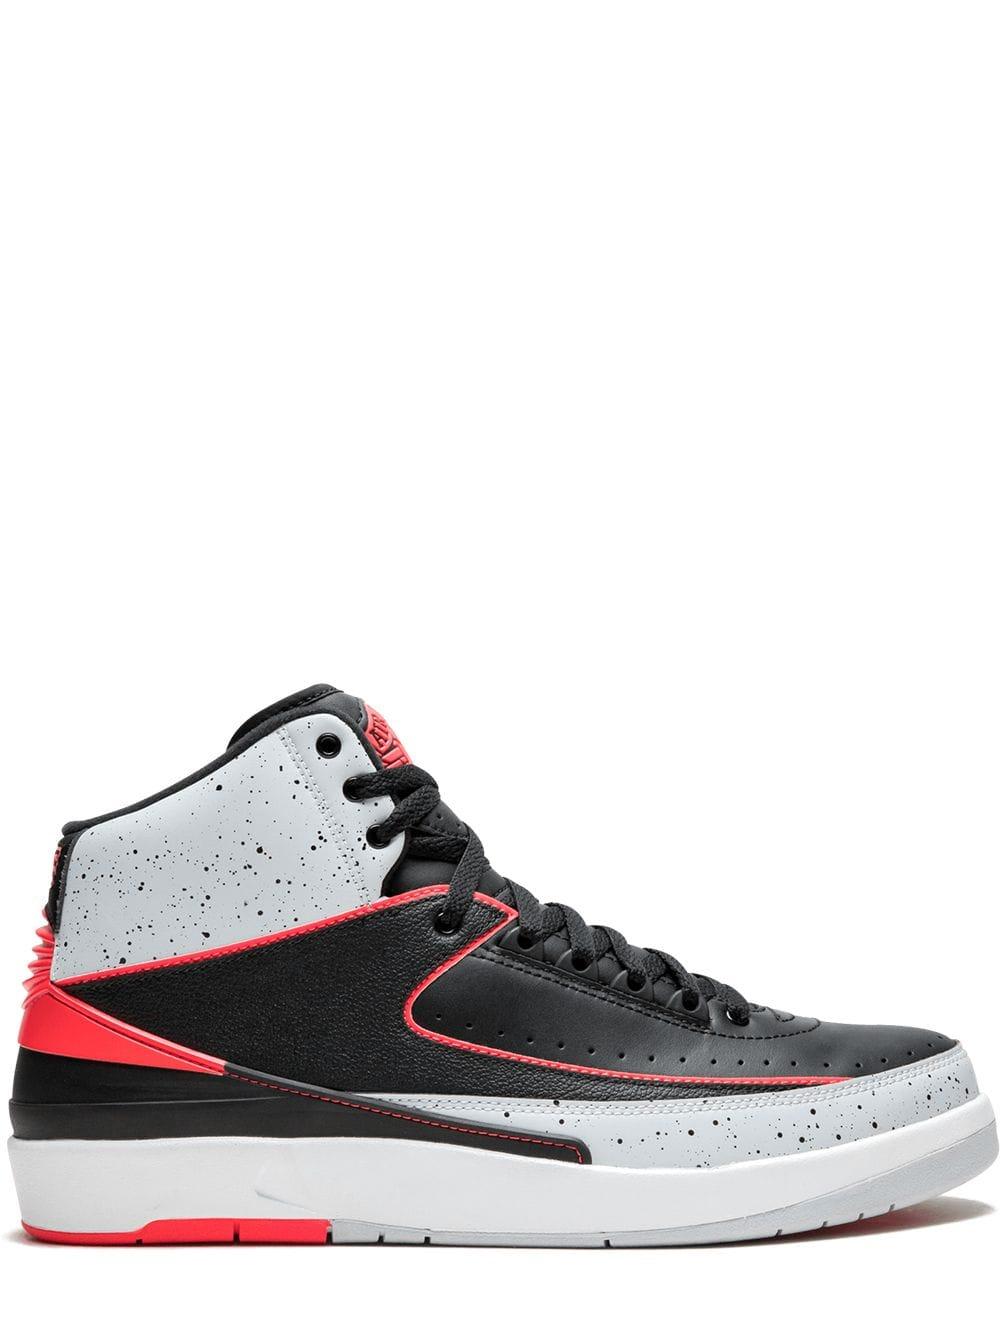 Air jordans, Retro sneakers, Nike air shoes